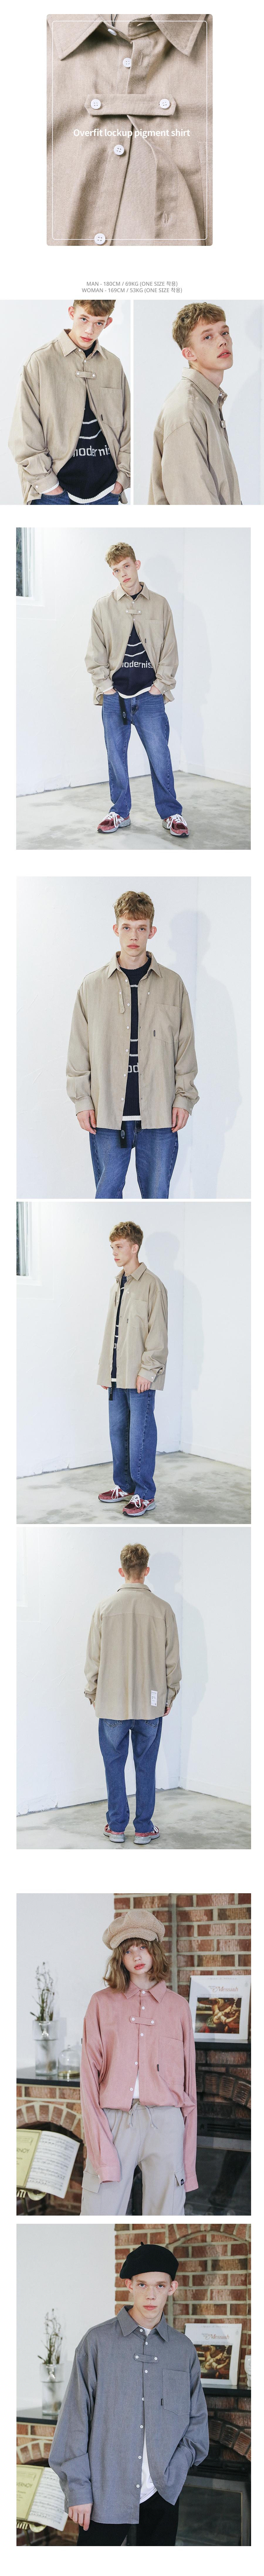 [UNISEX] 오버핏 로크업 피그먼트 셔츠 남방 (베이지)